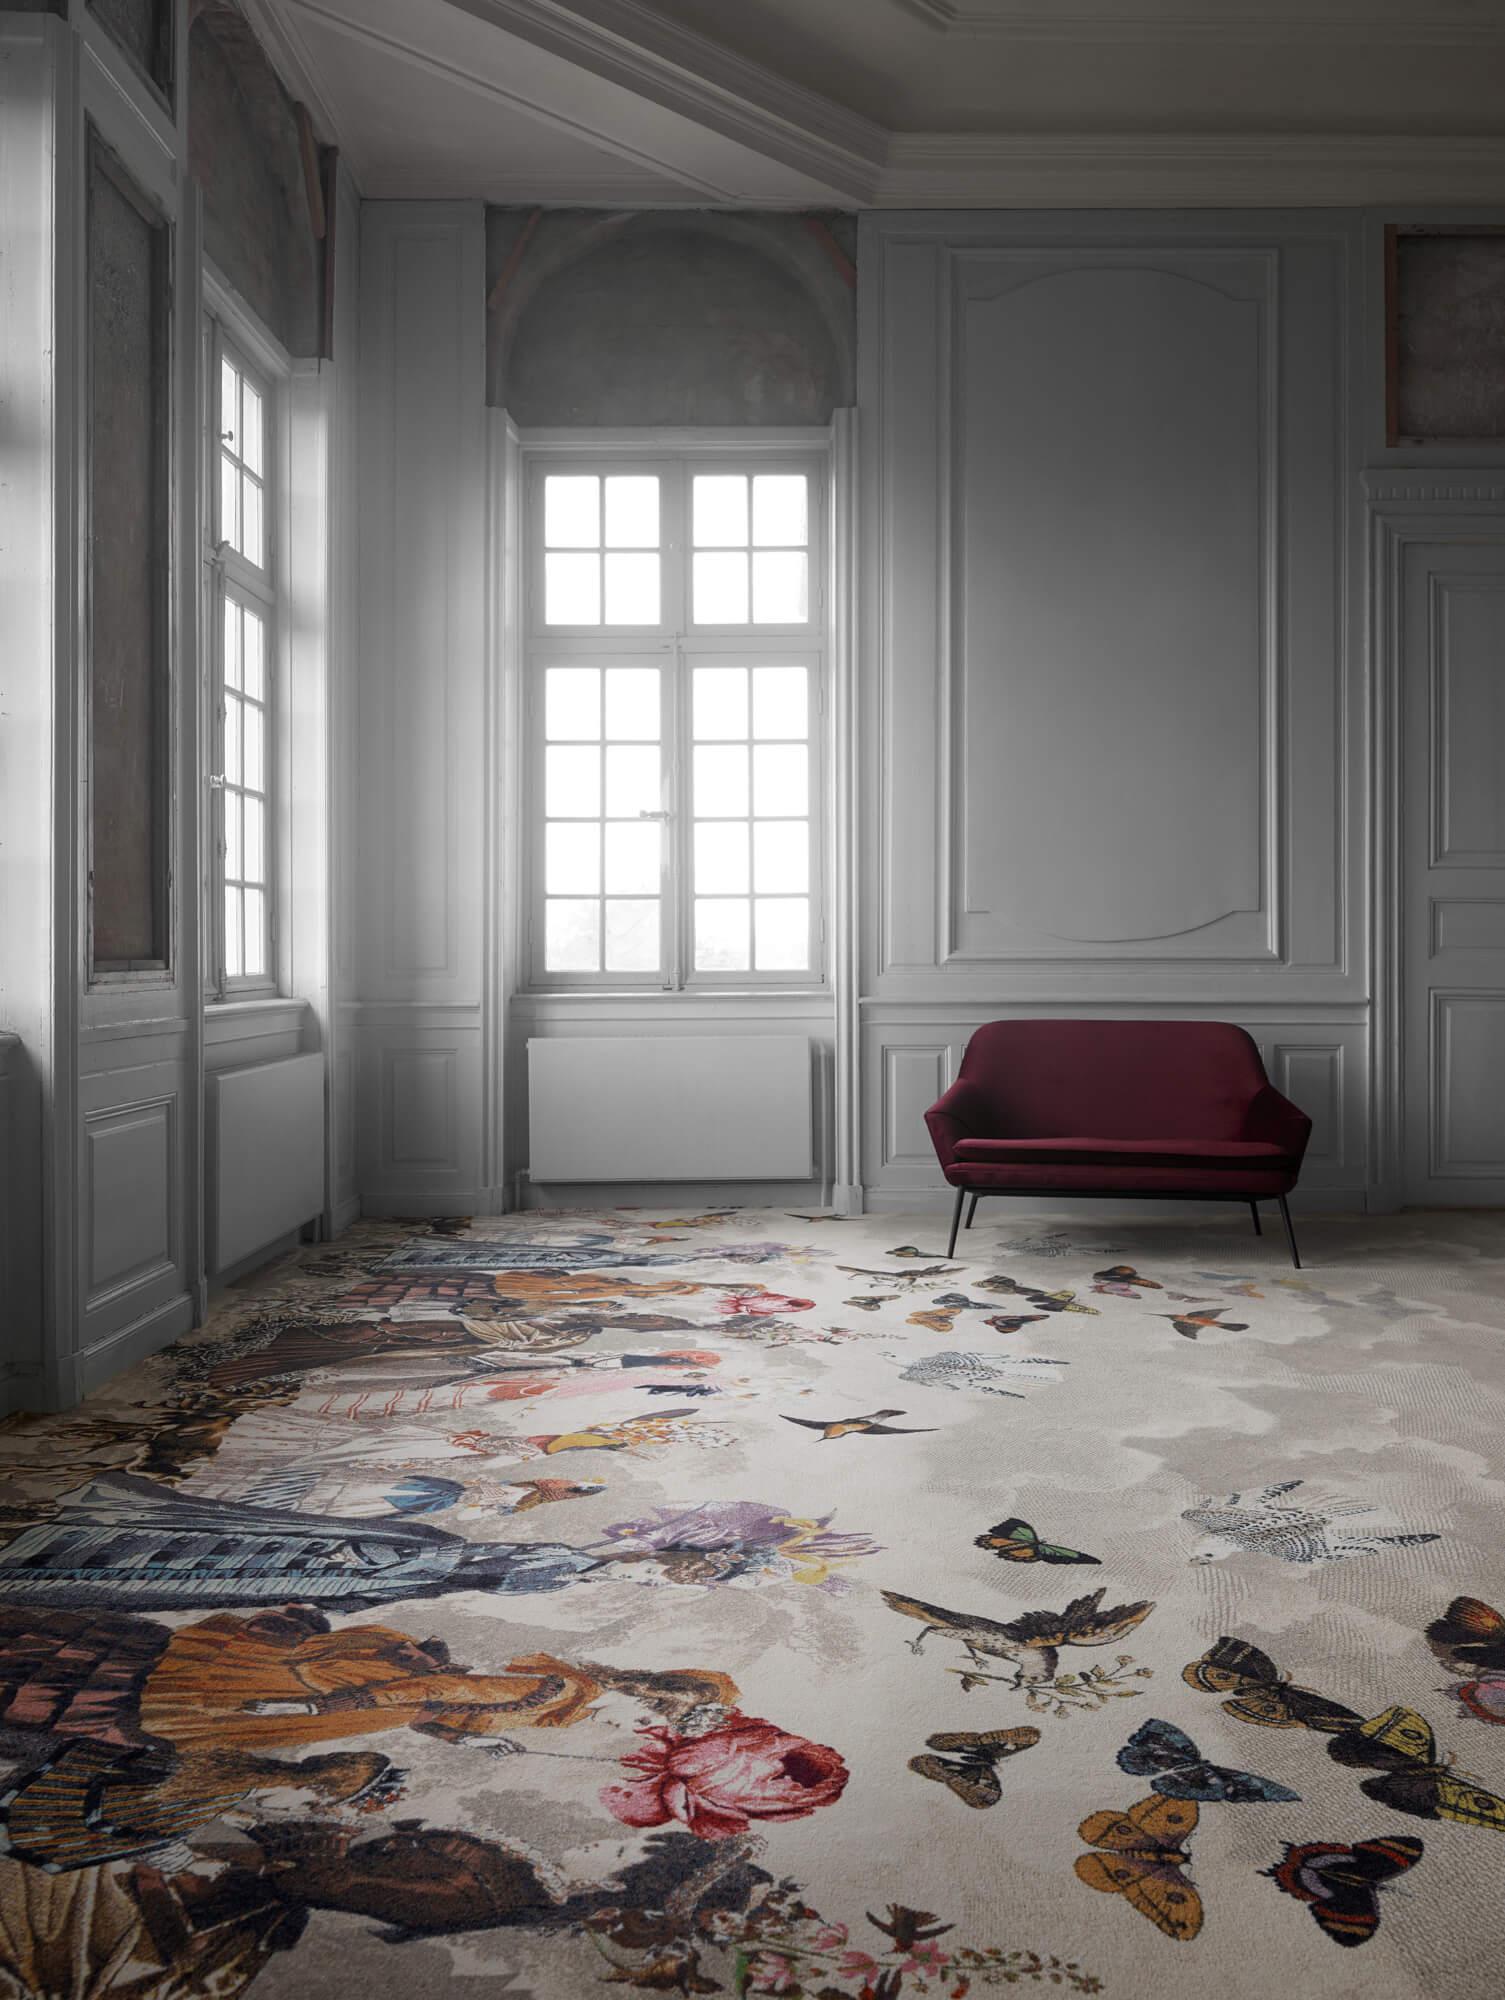 Atelier_Papillons-RF52752705_Nuages-RF52752707_002_vn.jpg